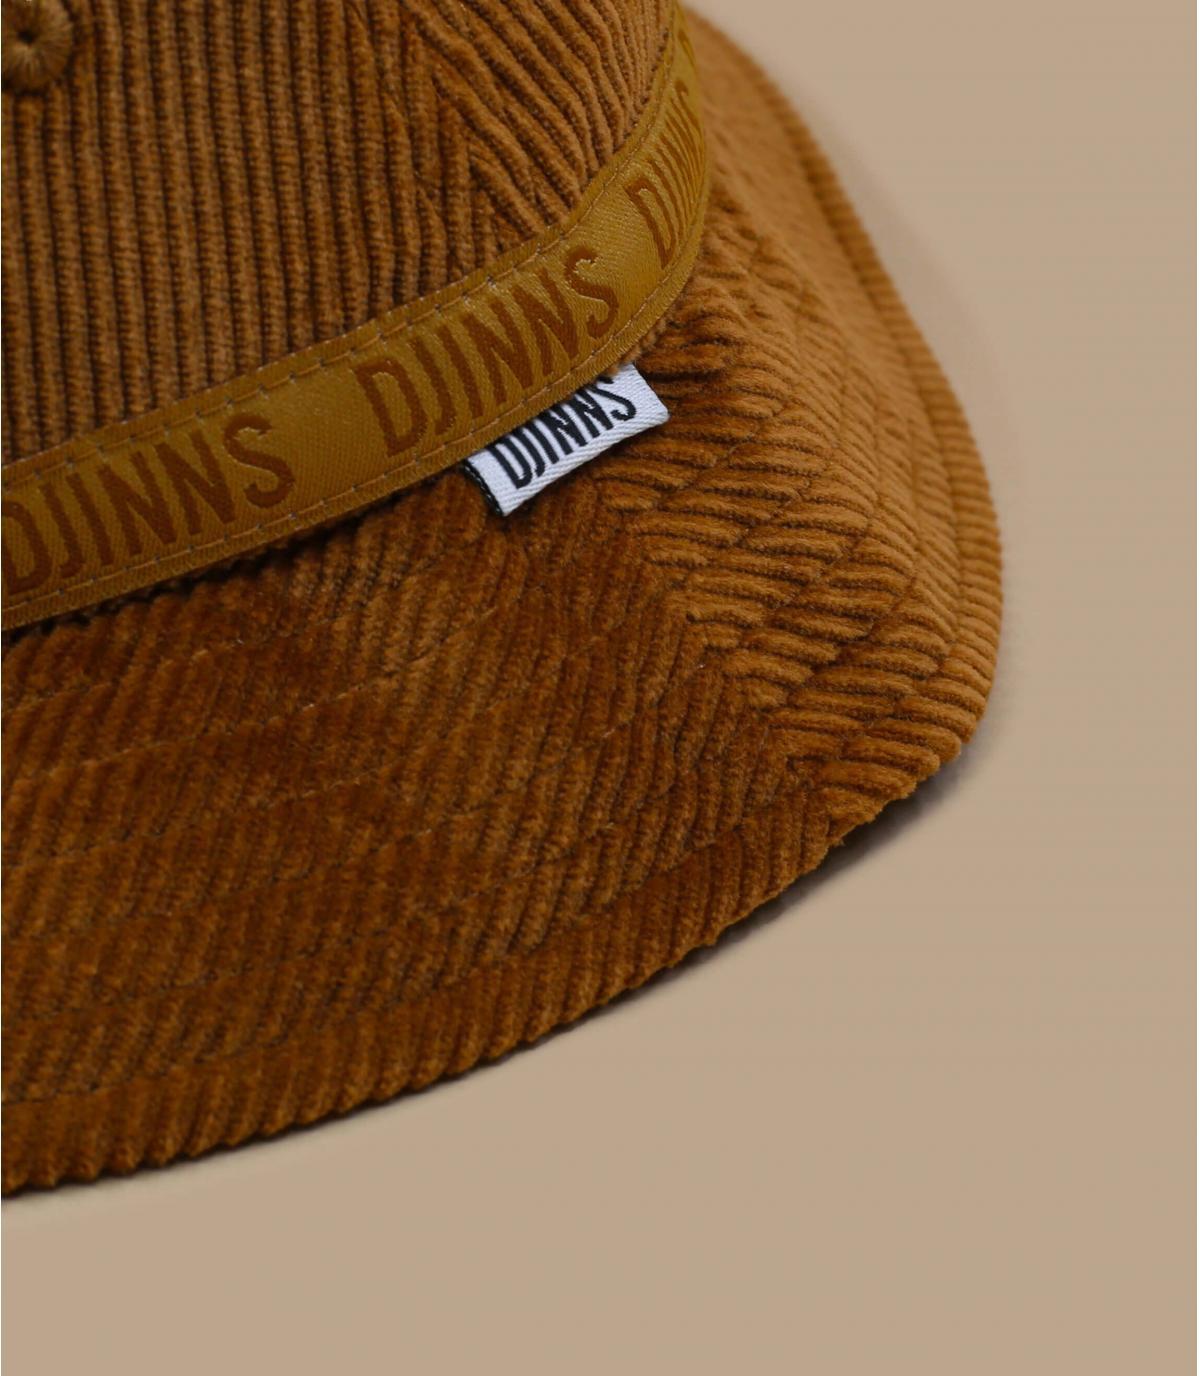 Détails Bob Corduroy wheat - image 2